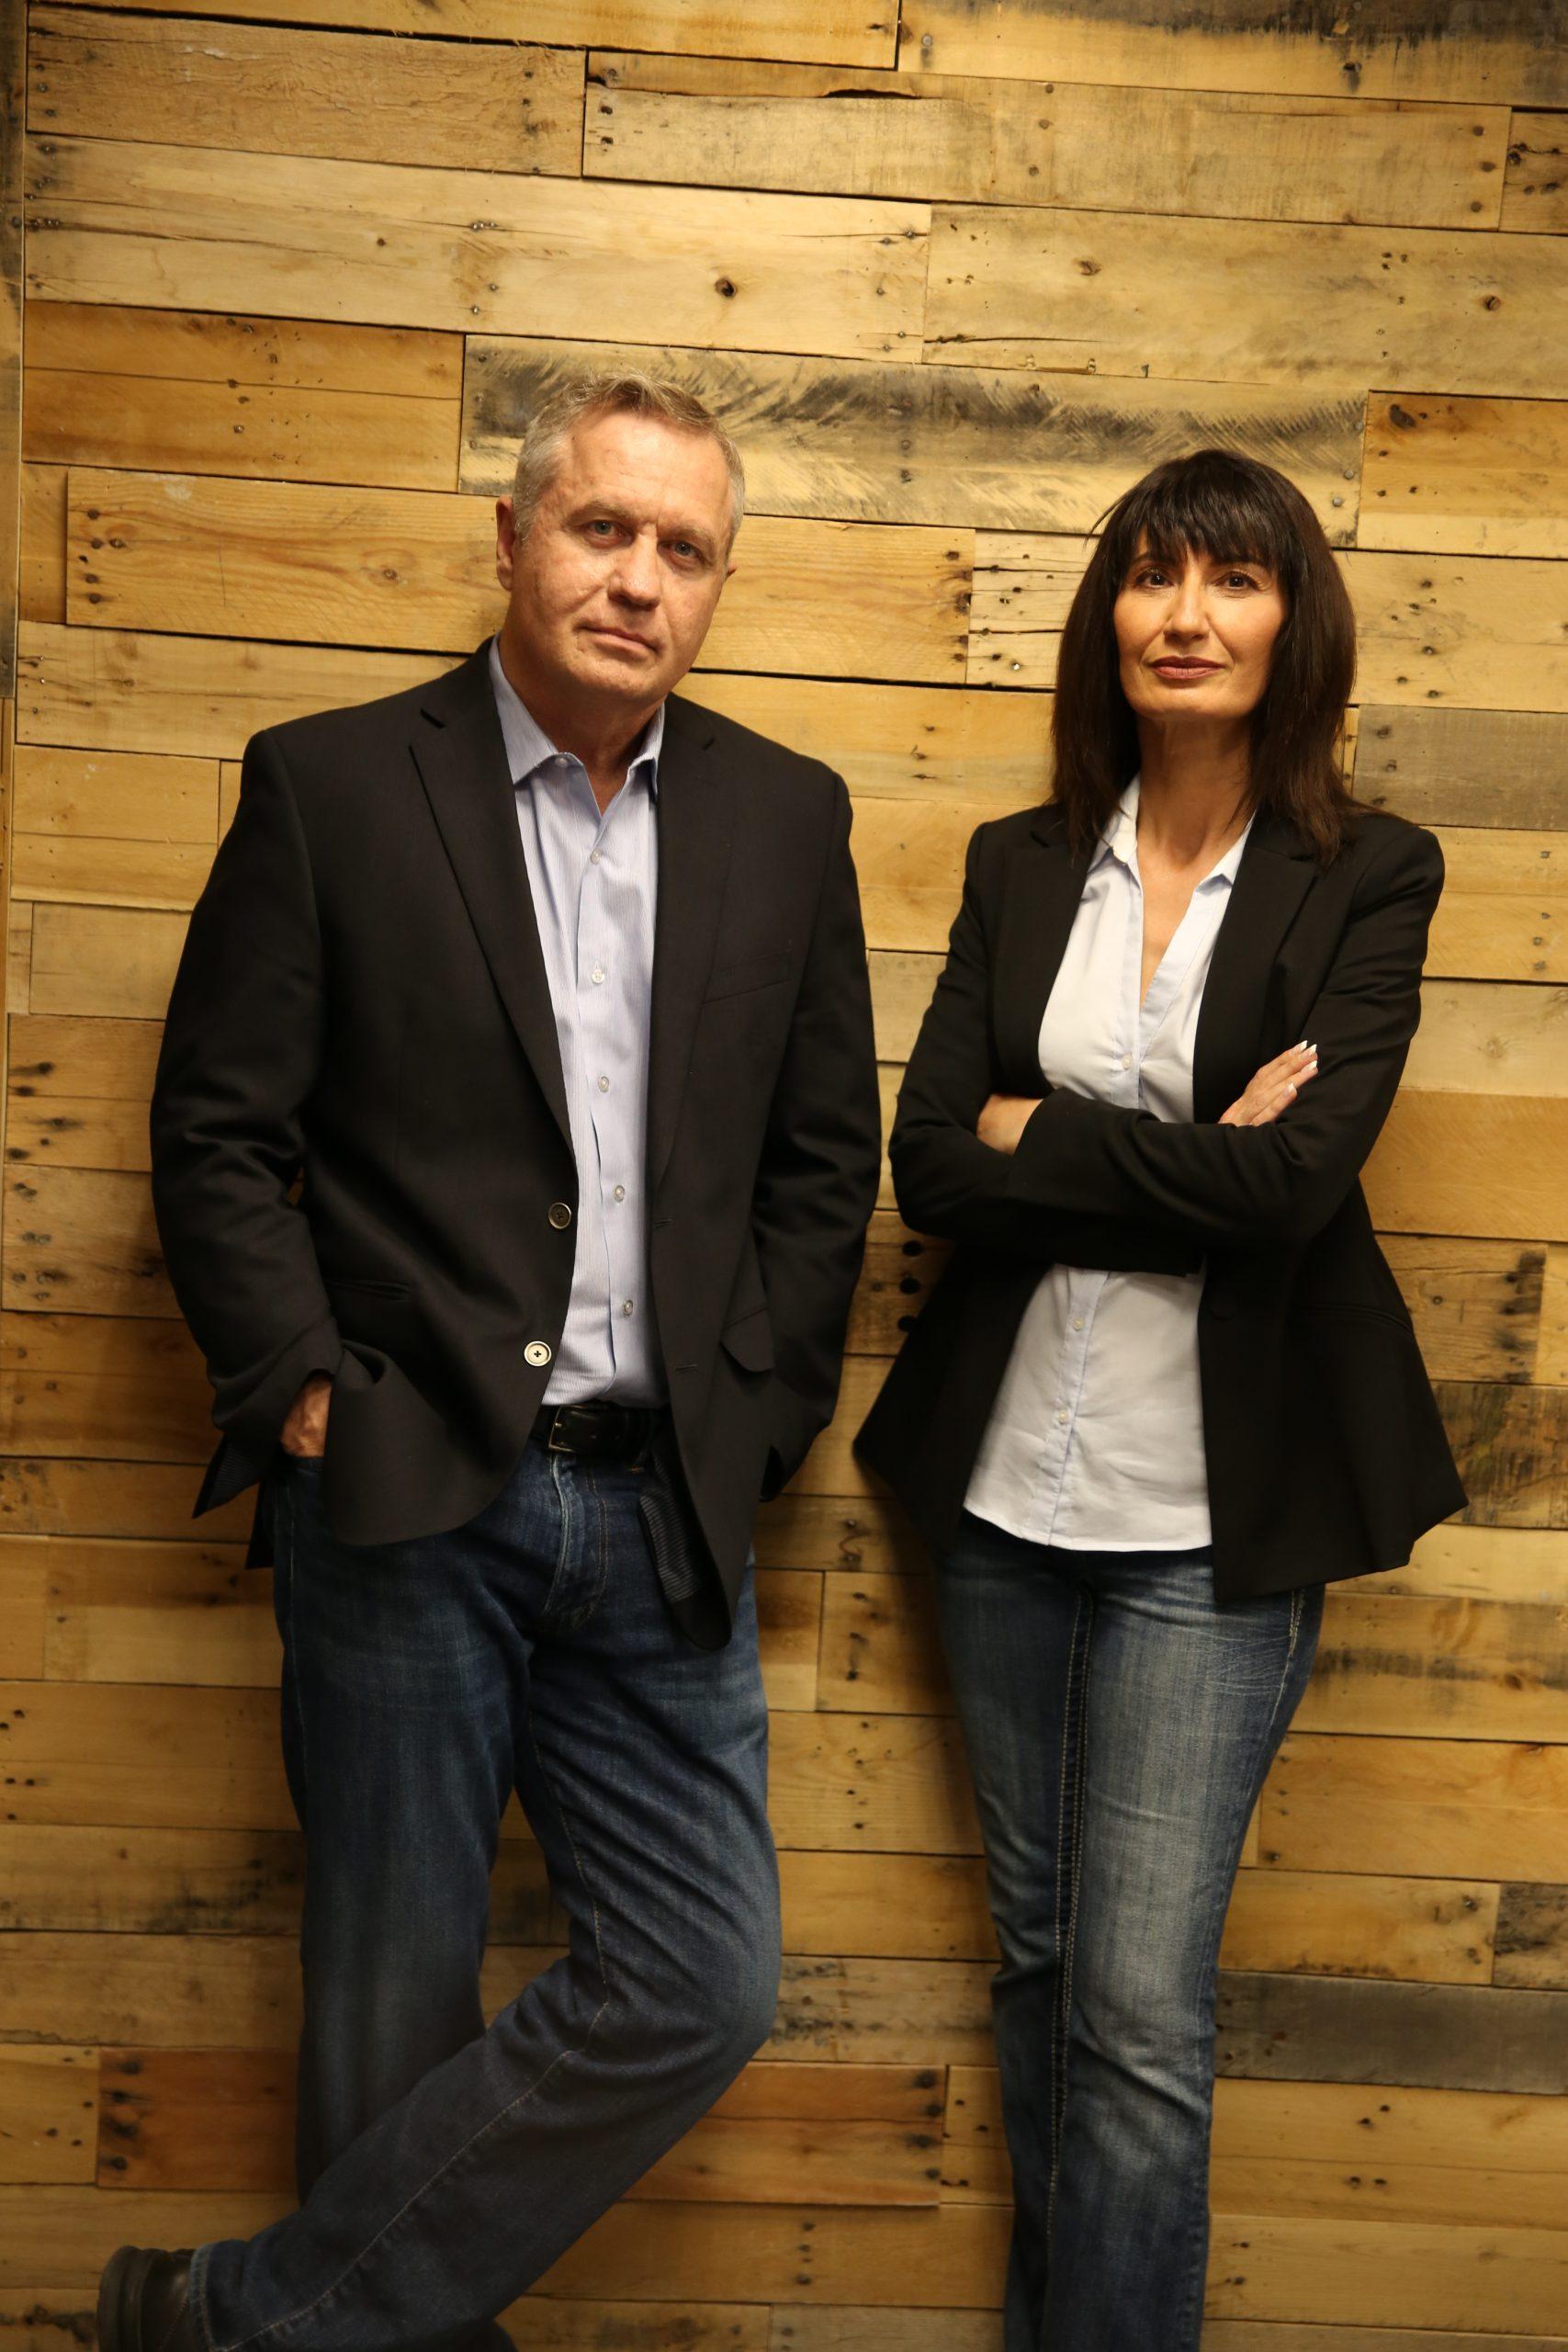 Todd & Oana Miller ReferralCloud Co-Founders